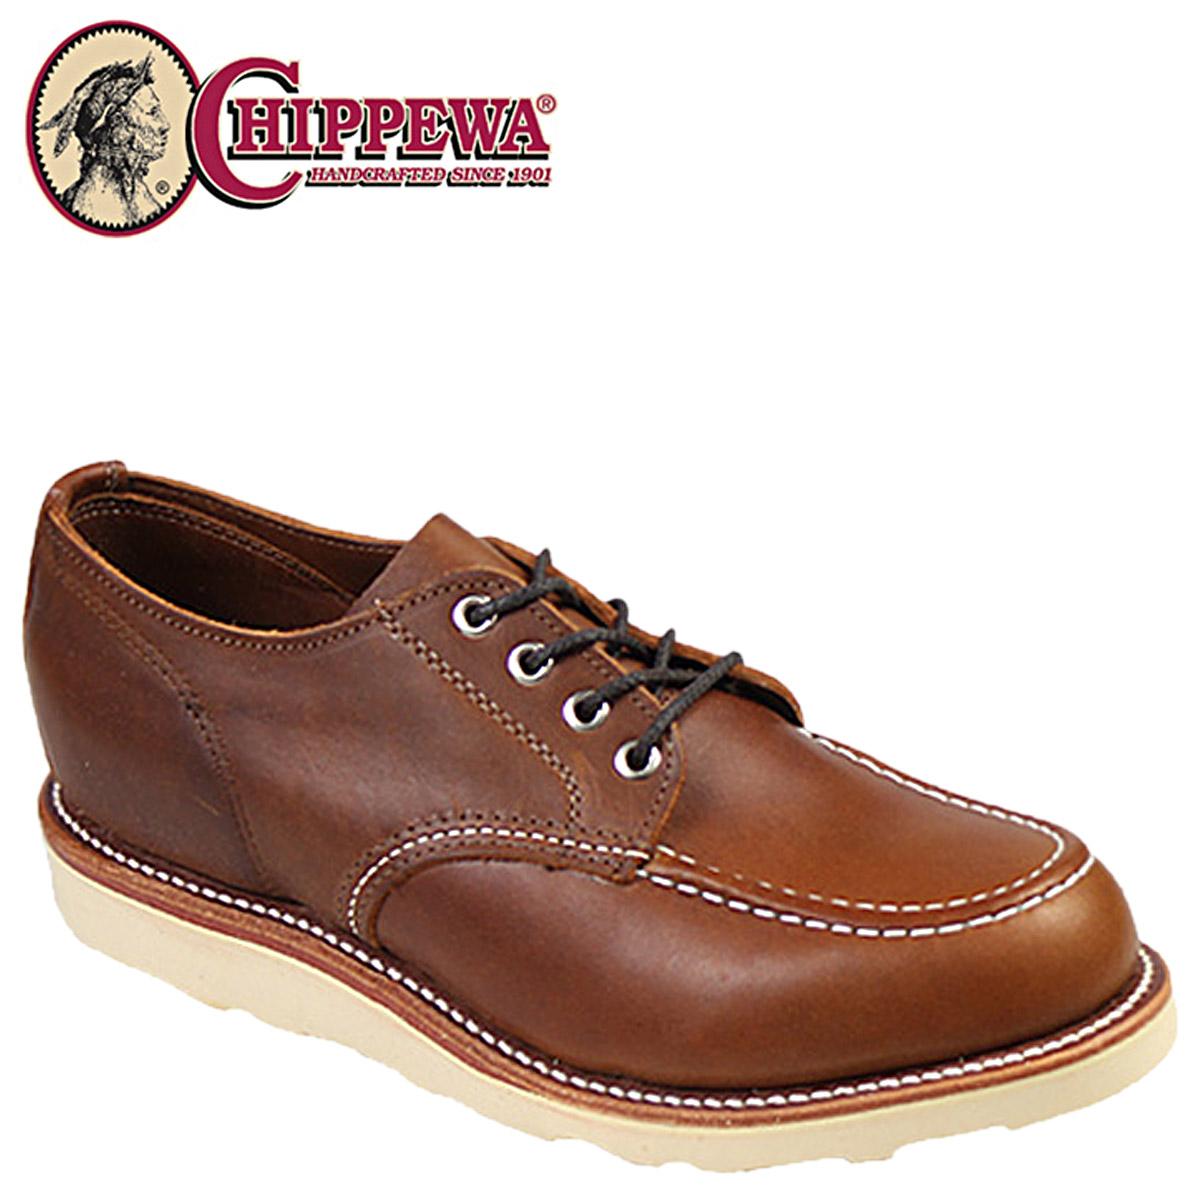 CHIPPEWA チペワ 4インチ モック トゥ ウェッジ オックスフォード シューズ 4 INCH MOC TOE WEDGE OXFORD Eワイズ レザー ブーツ 1901M41 タン メンズ